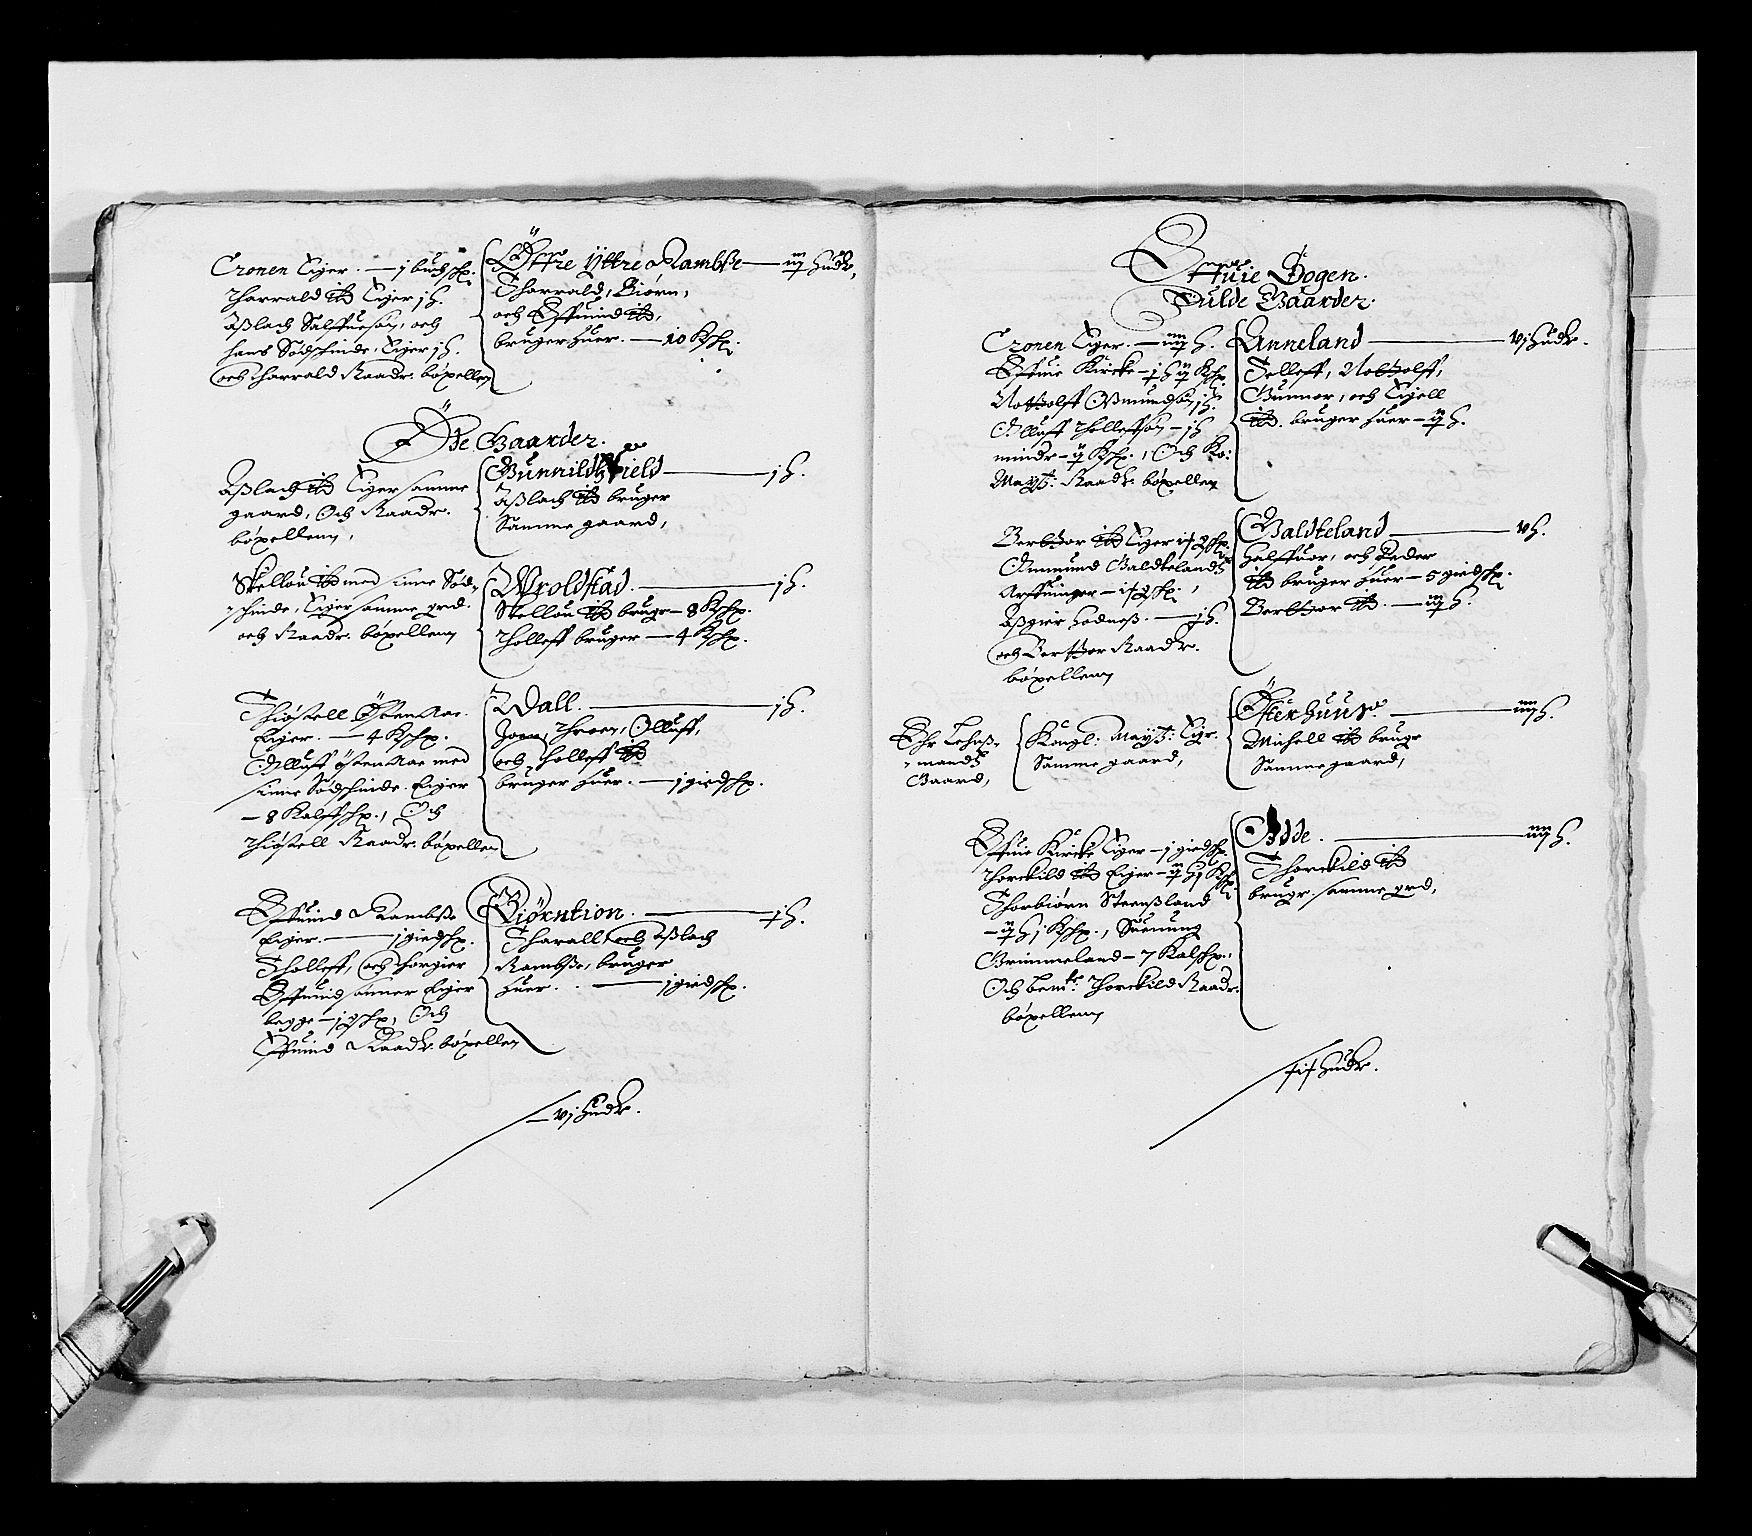 RA, Stattholderembetet 1572-1771, Ek/L0023: Jordebøker 1633-1658:, 1648-1649, s. 14